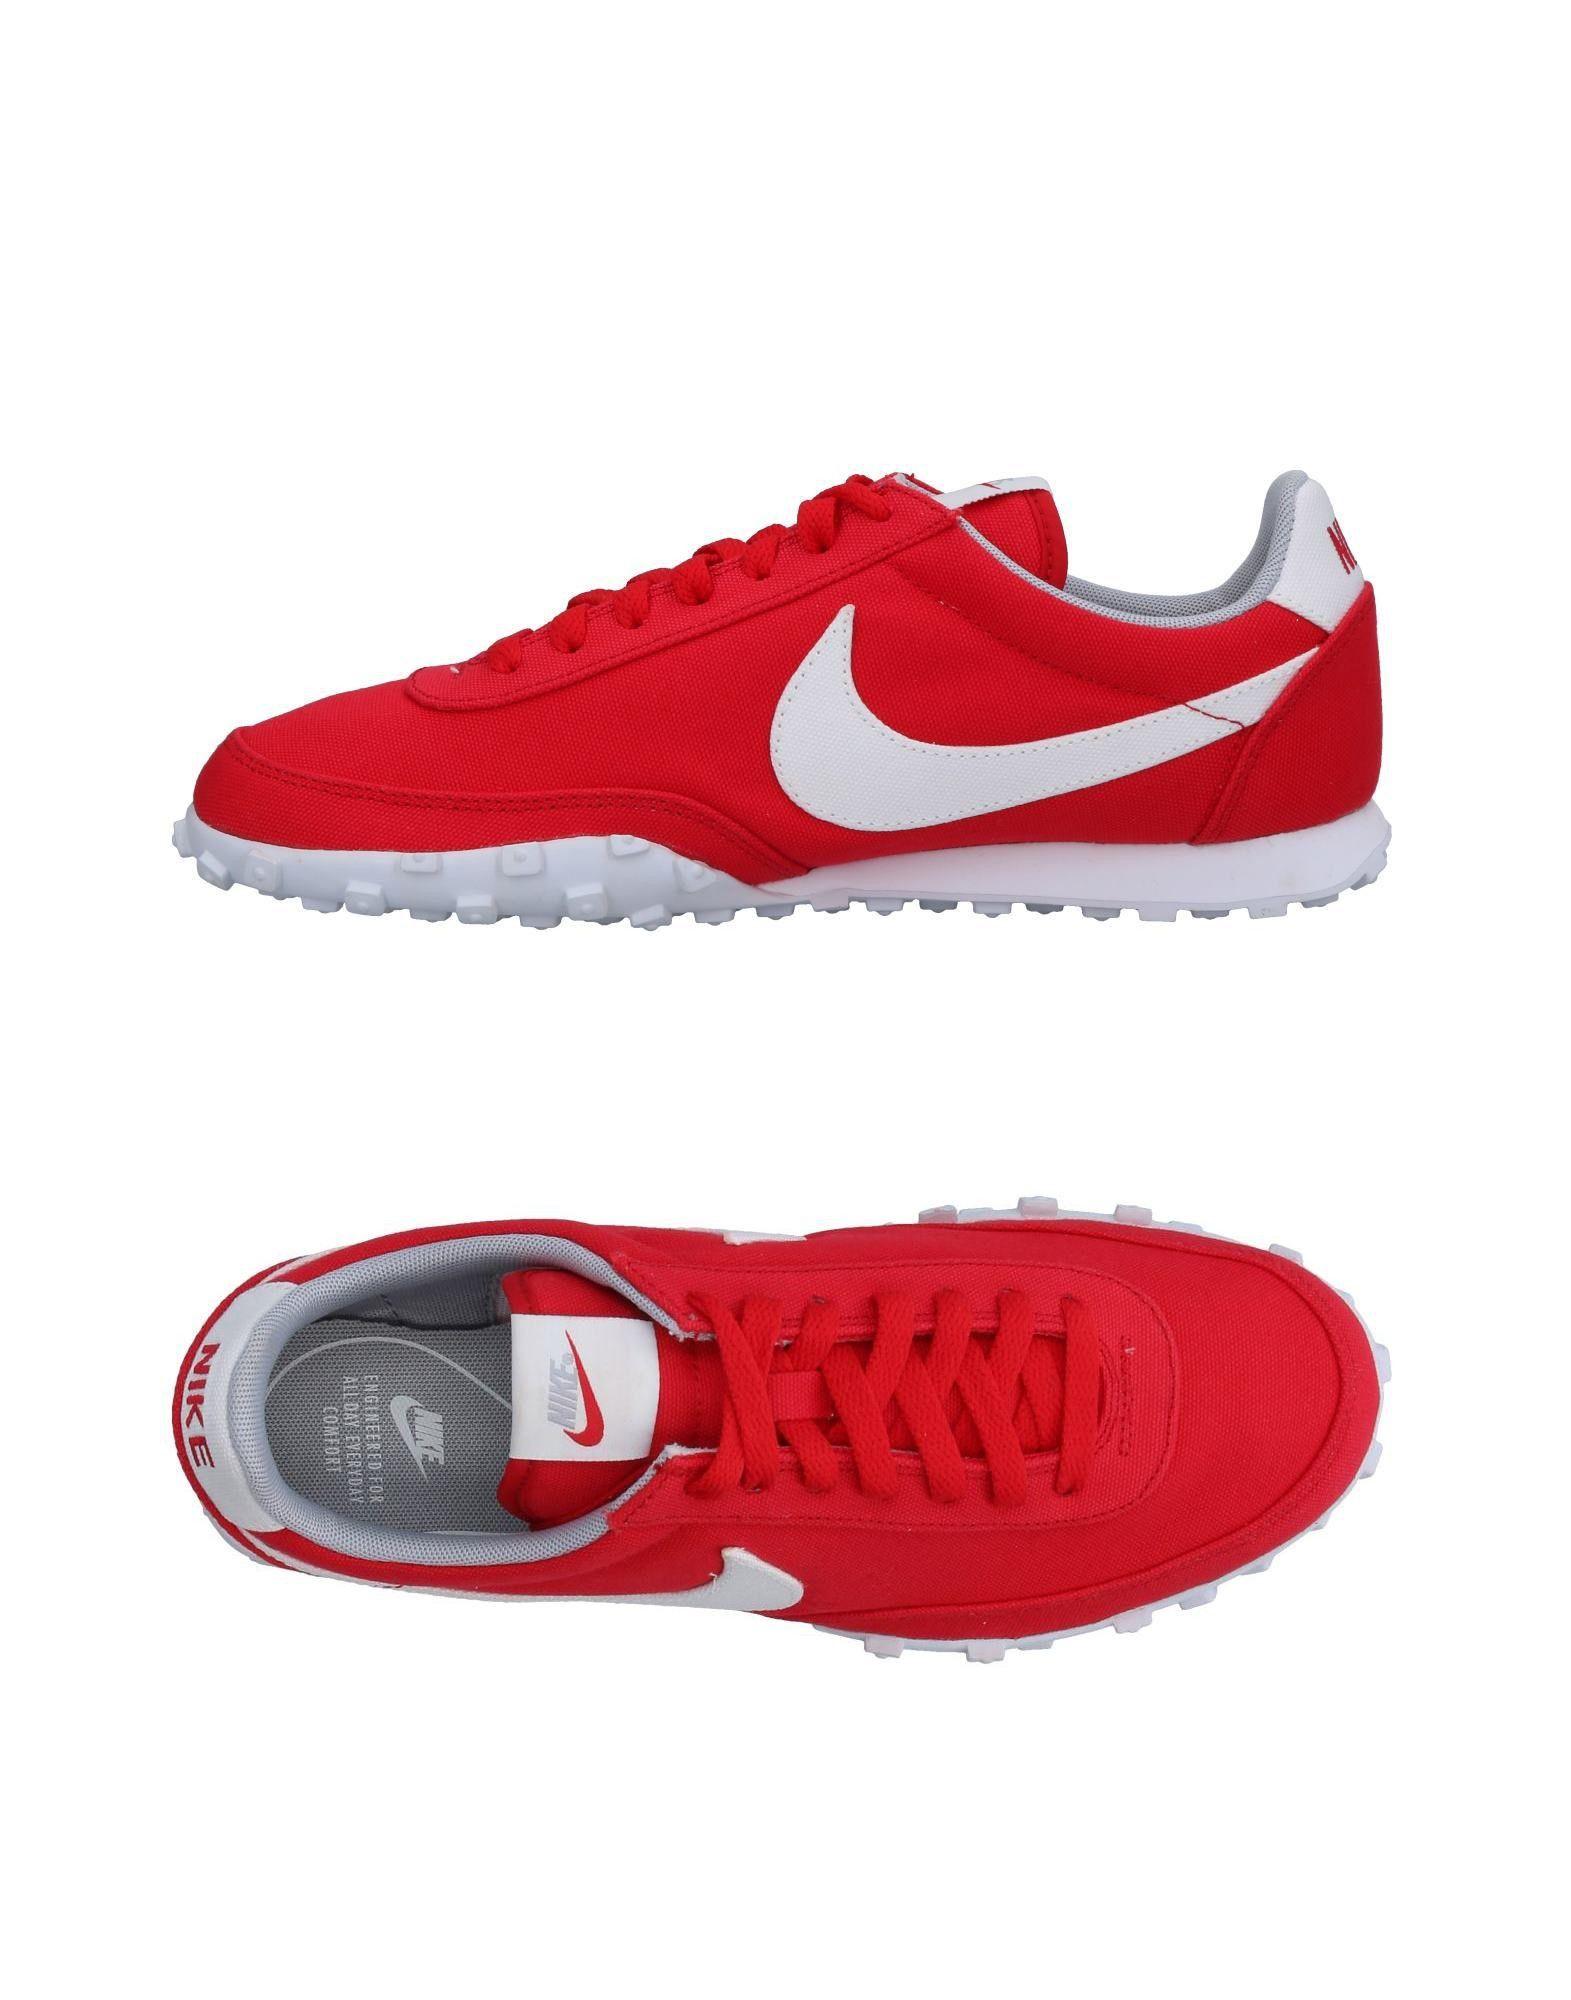 NIKE Herren Low Sneakers & Tennisschuhe Farbe Rot Größe 9 jetztbilligerkaufen